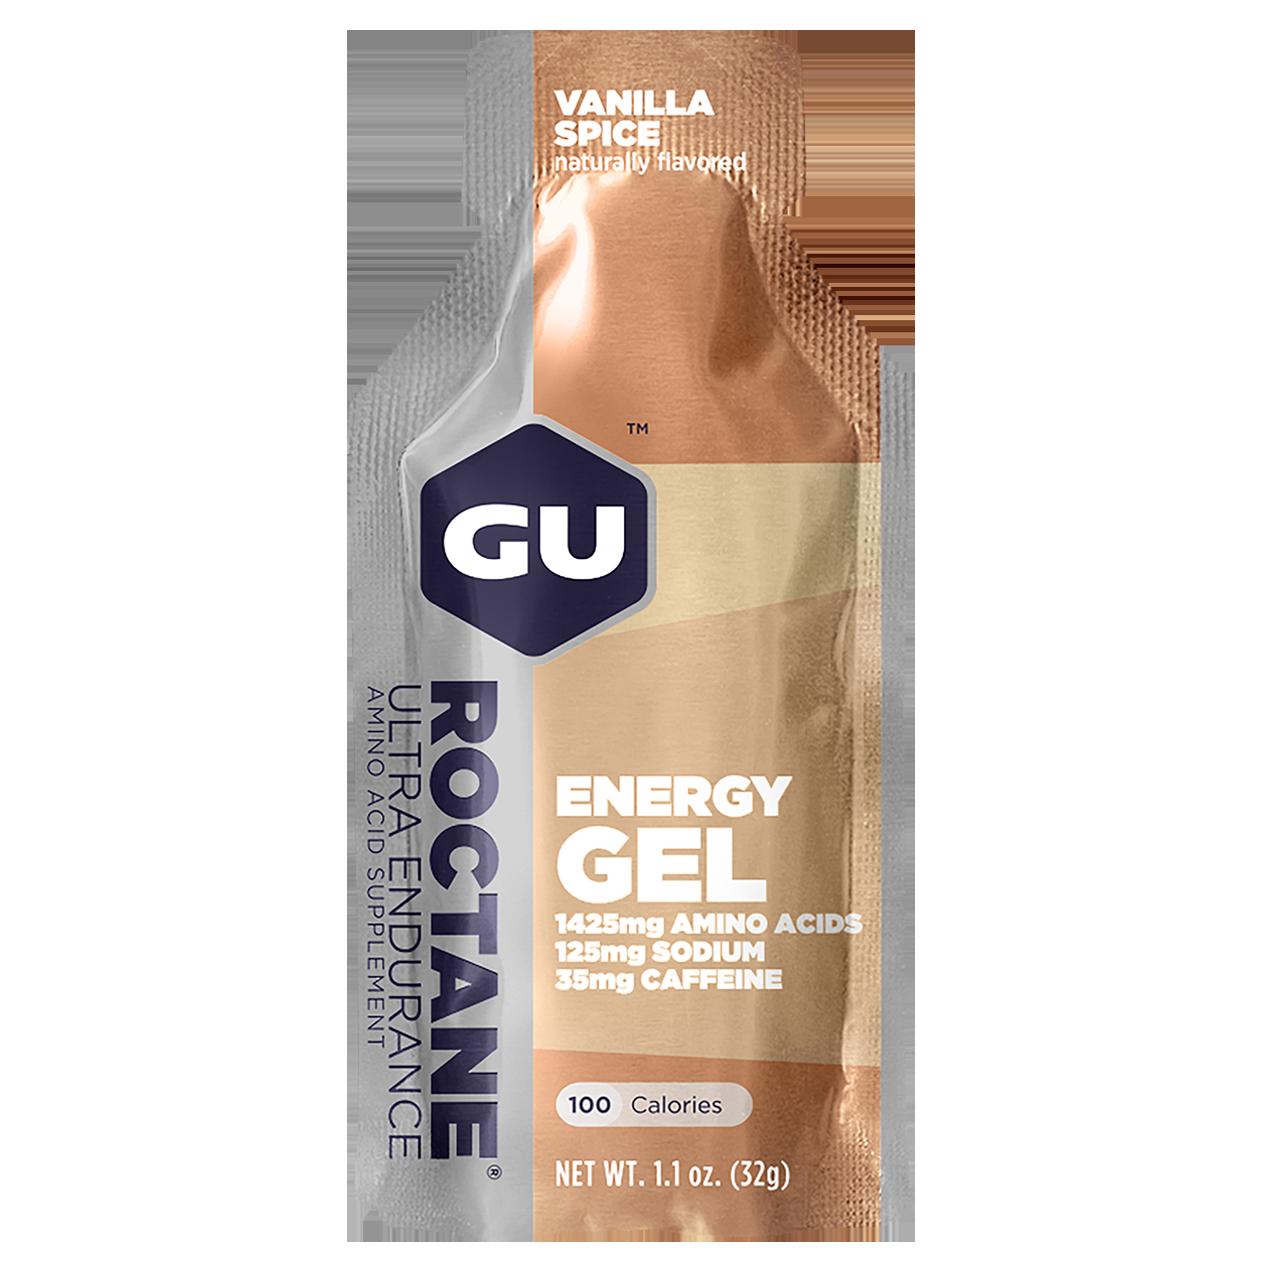 GU Roctane Gel - Seasonal Flavor- Seasalt Chocolate - Box of 24, , large, image 3